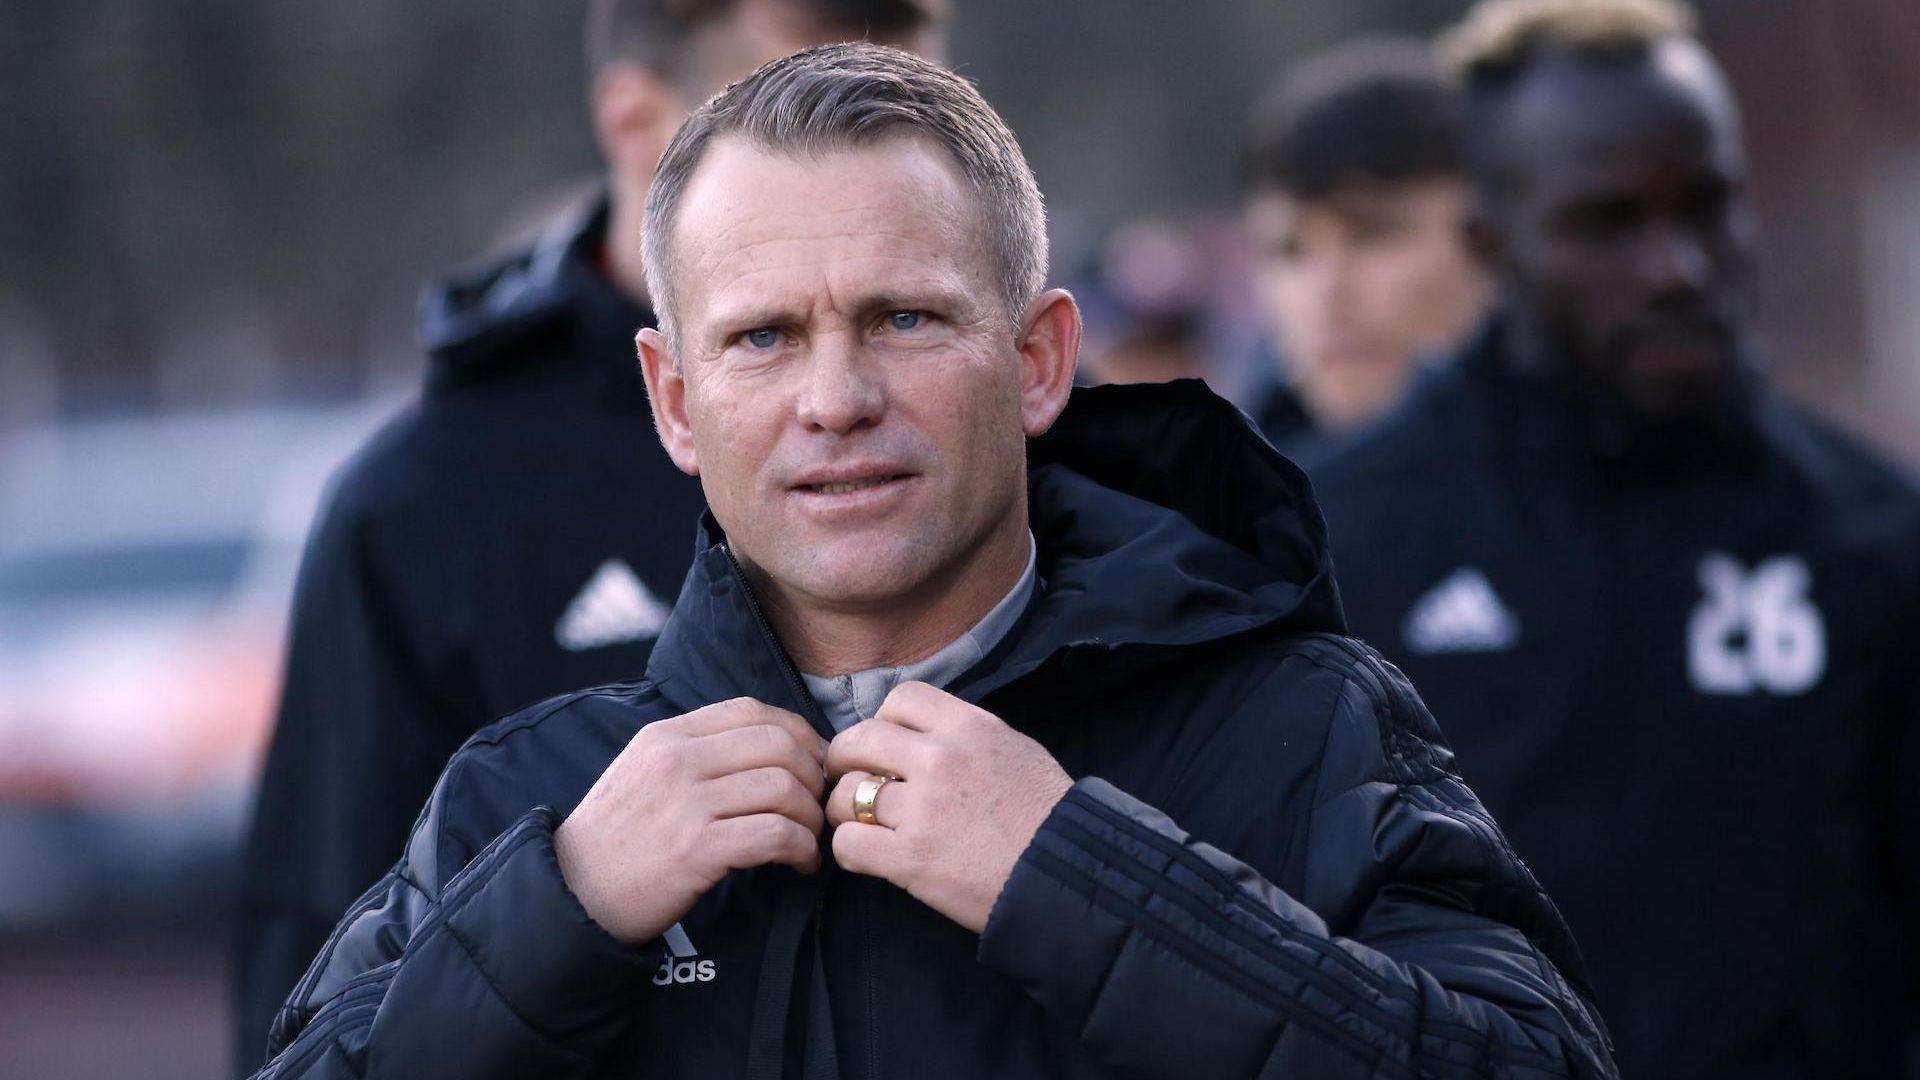 Треньорът на ЦСКА пое отговорност за загубата, но подкани и играчите да си направят сметка